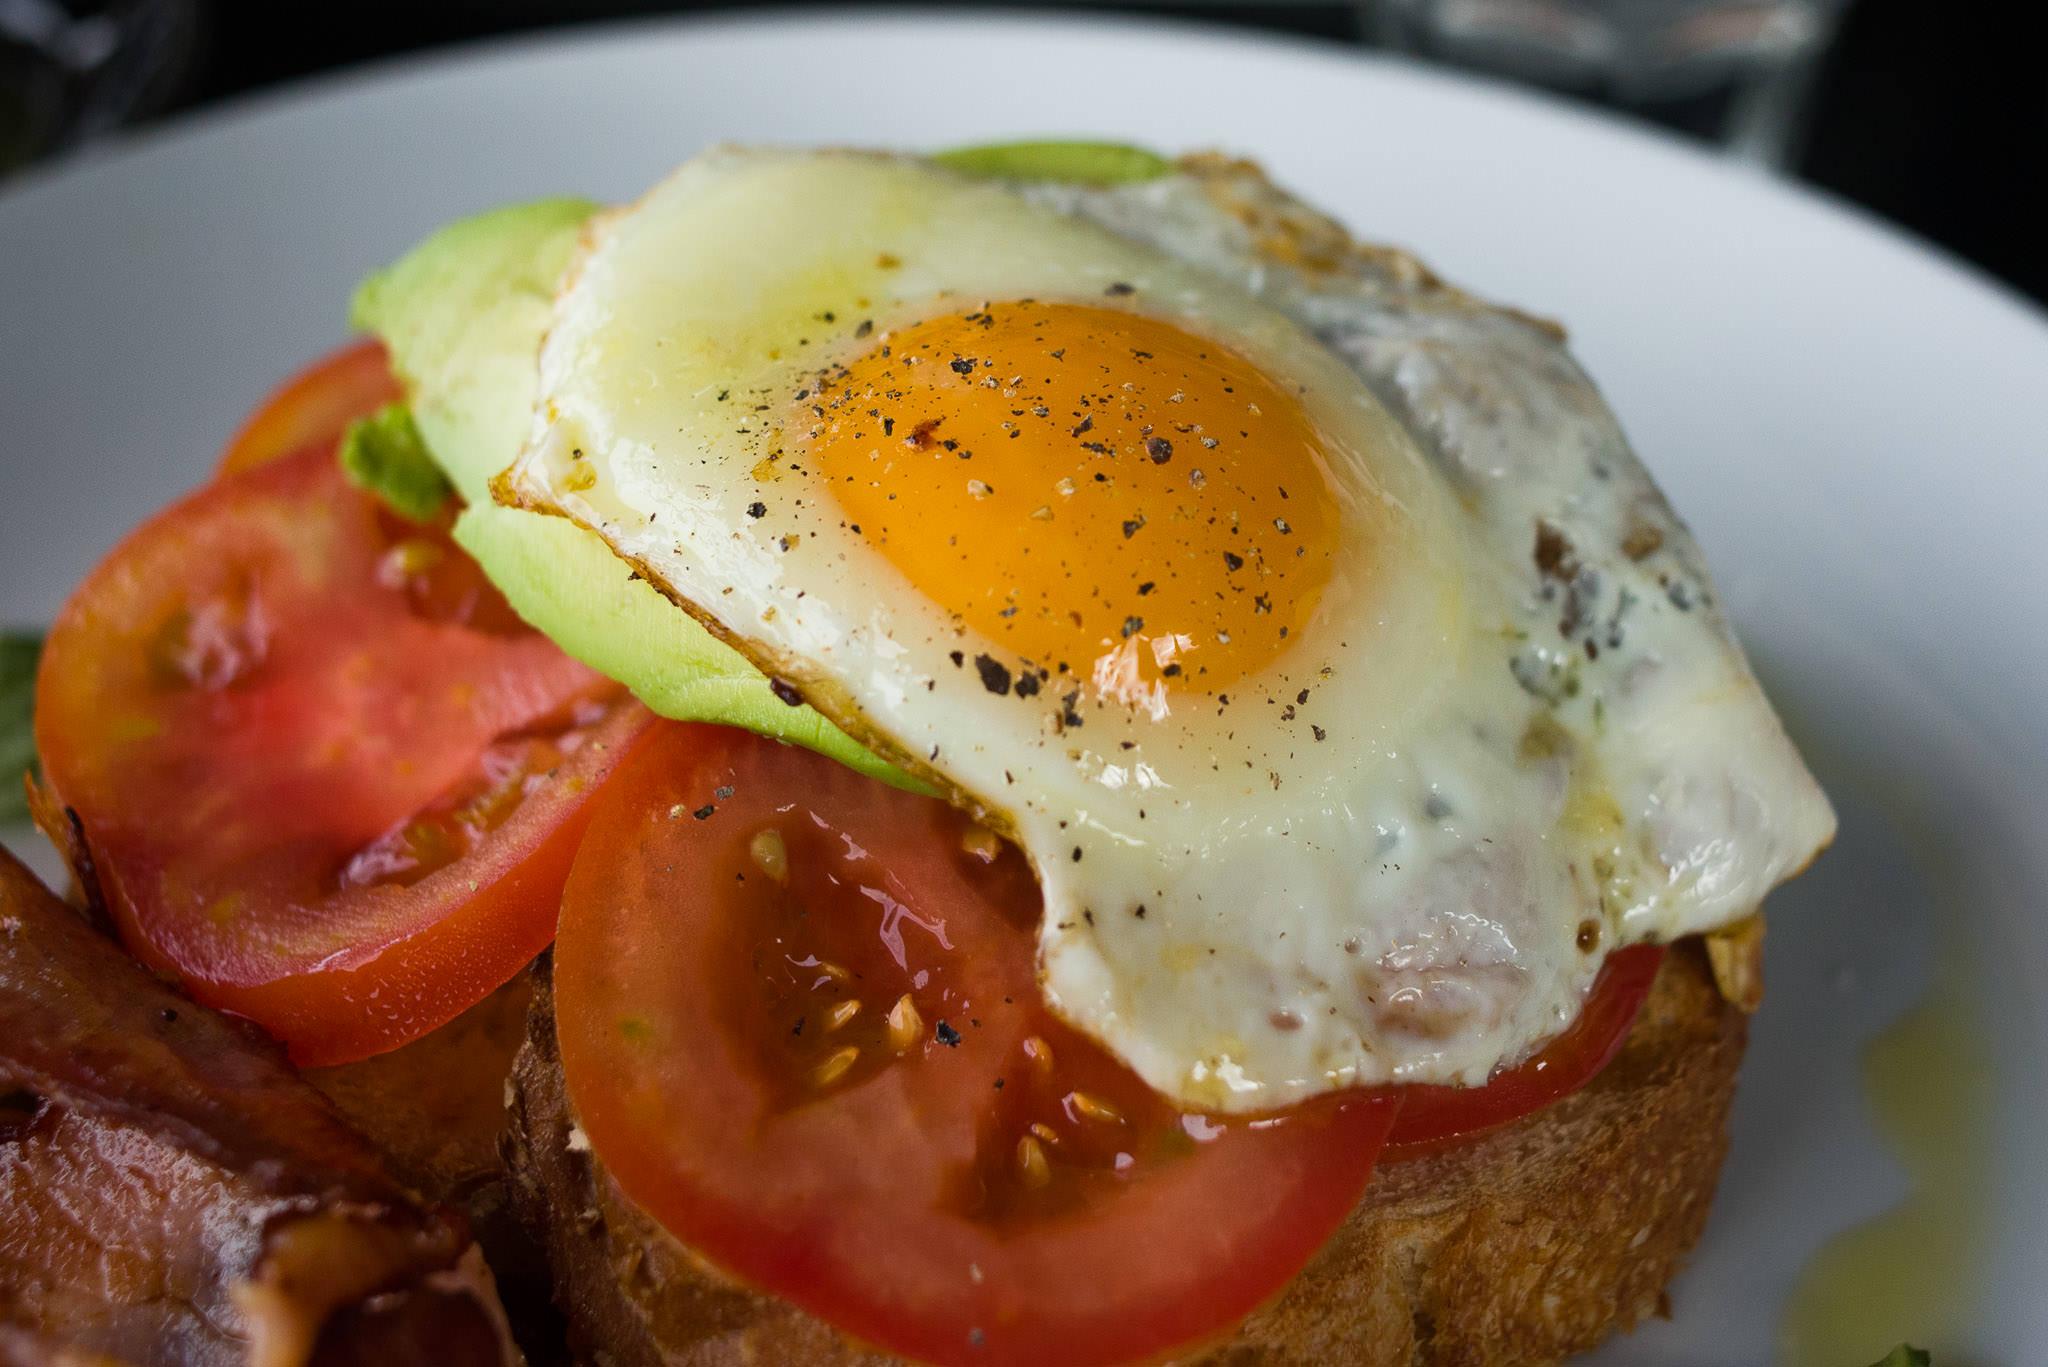 Fried egg close-up